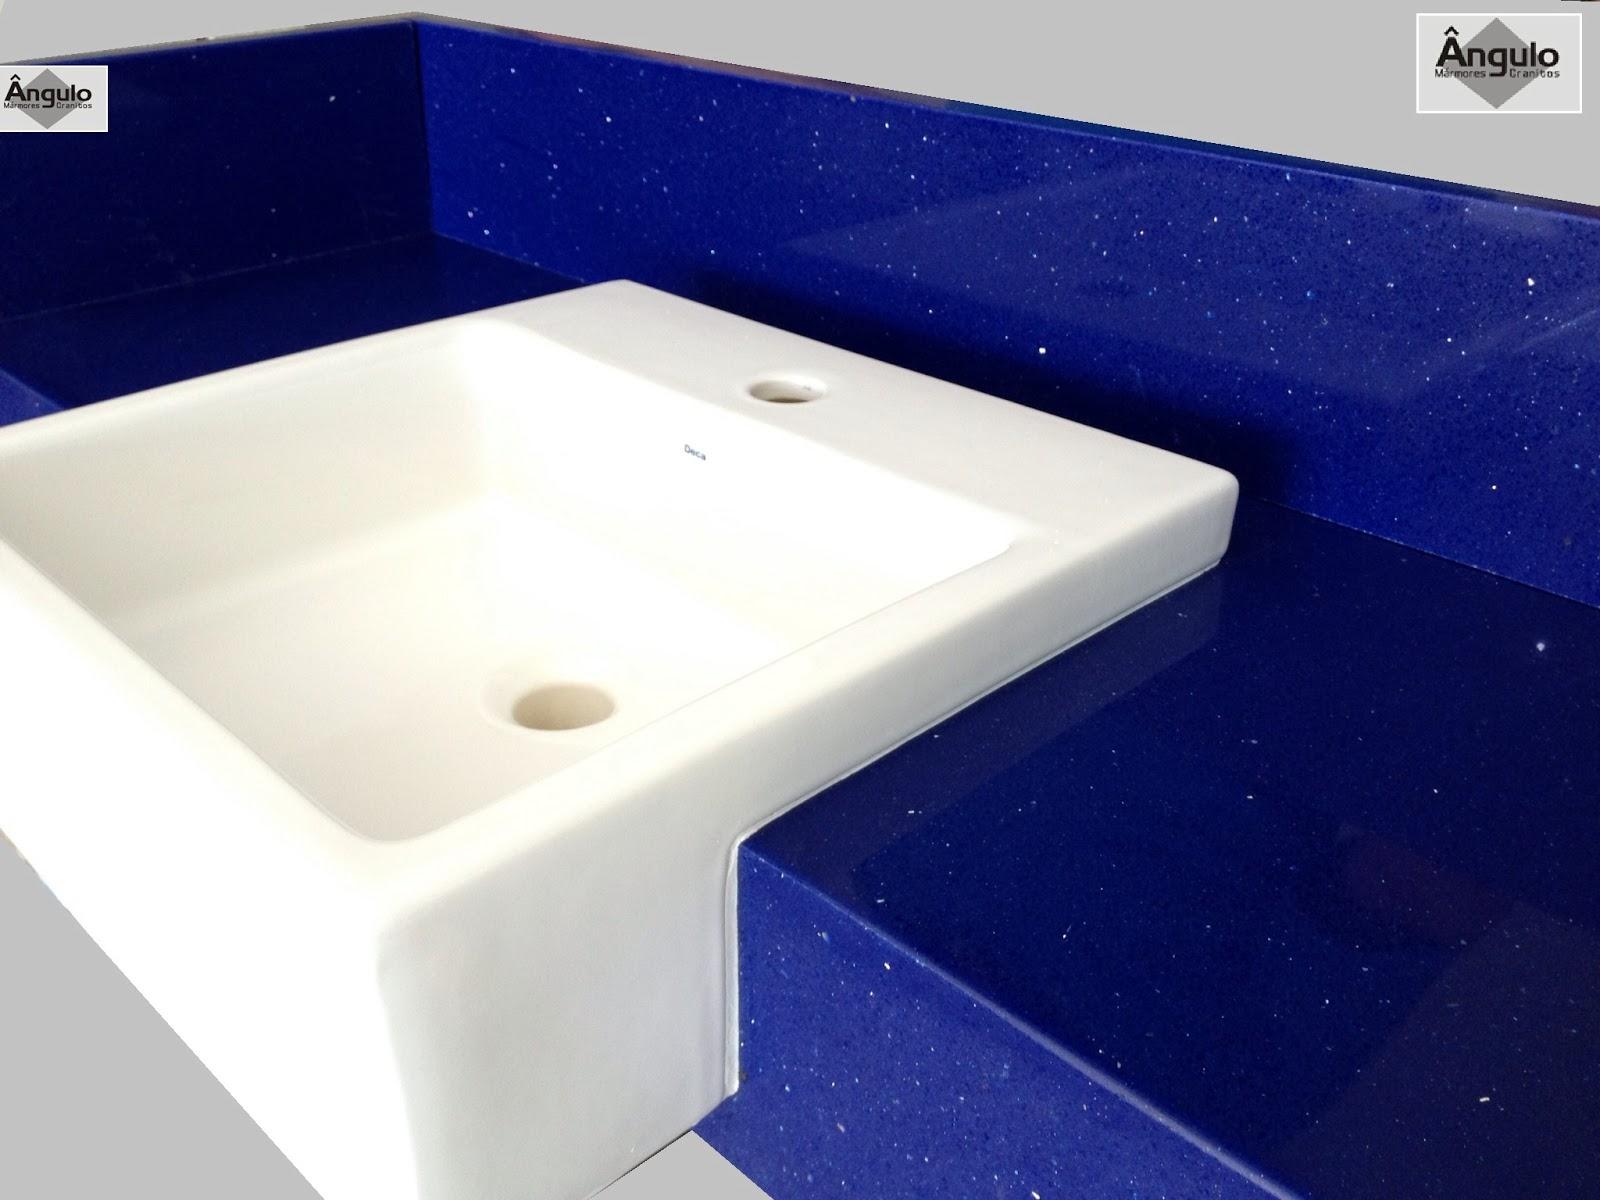 Ângulo Mármores e Granitos: Silestone Azul Stellar #050A43 1600x1200 Bancada Banheiro Azul